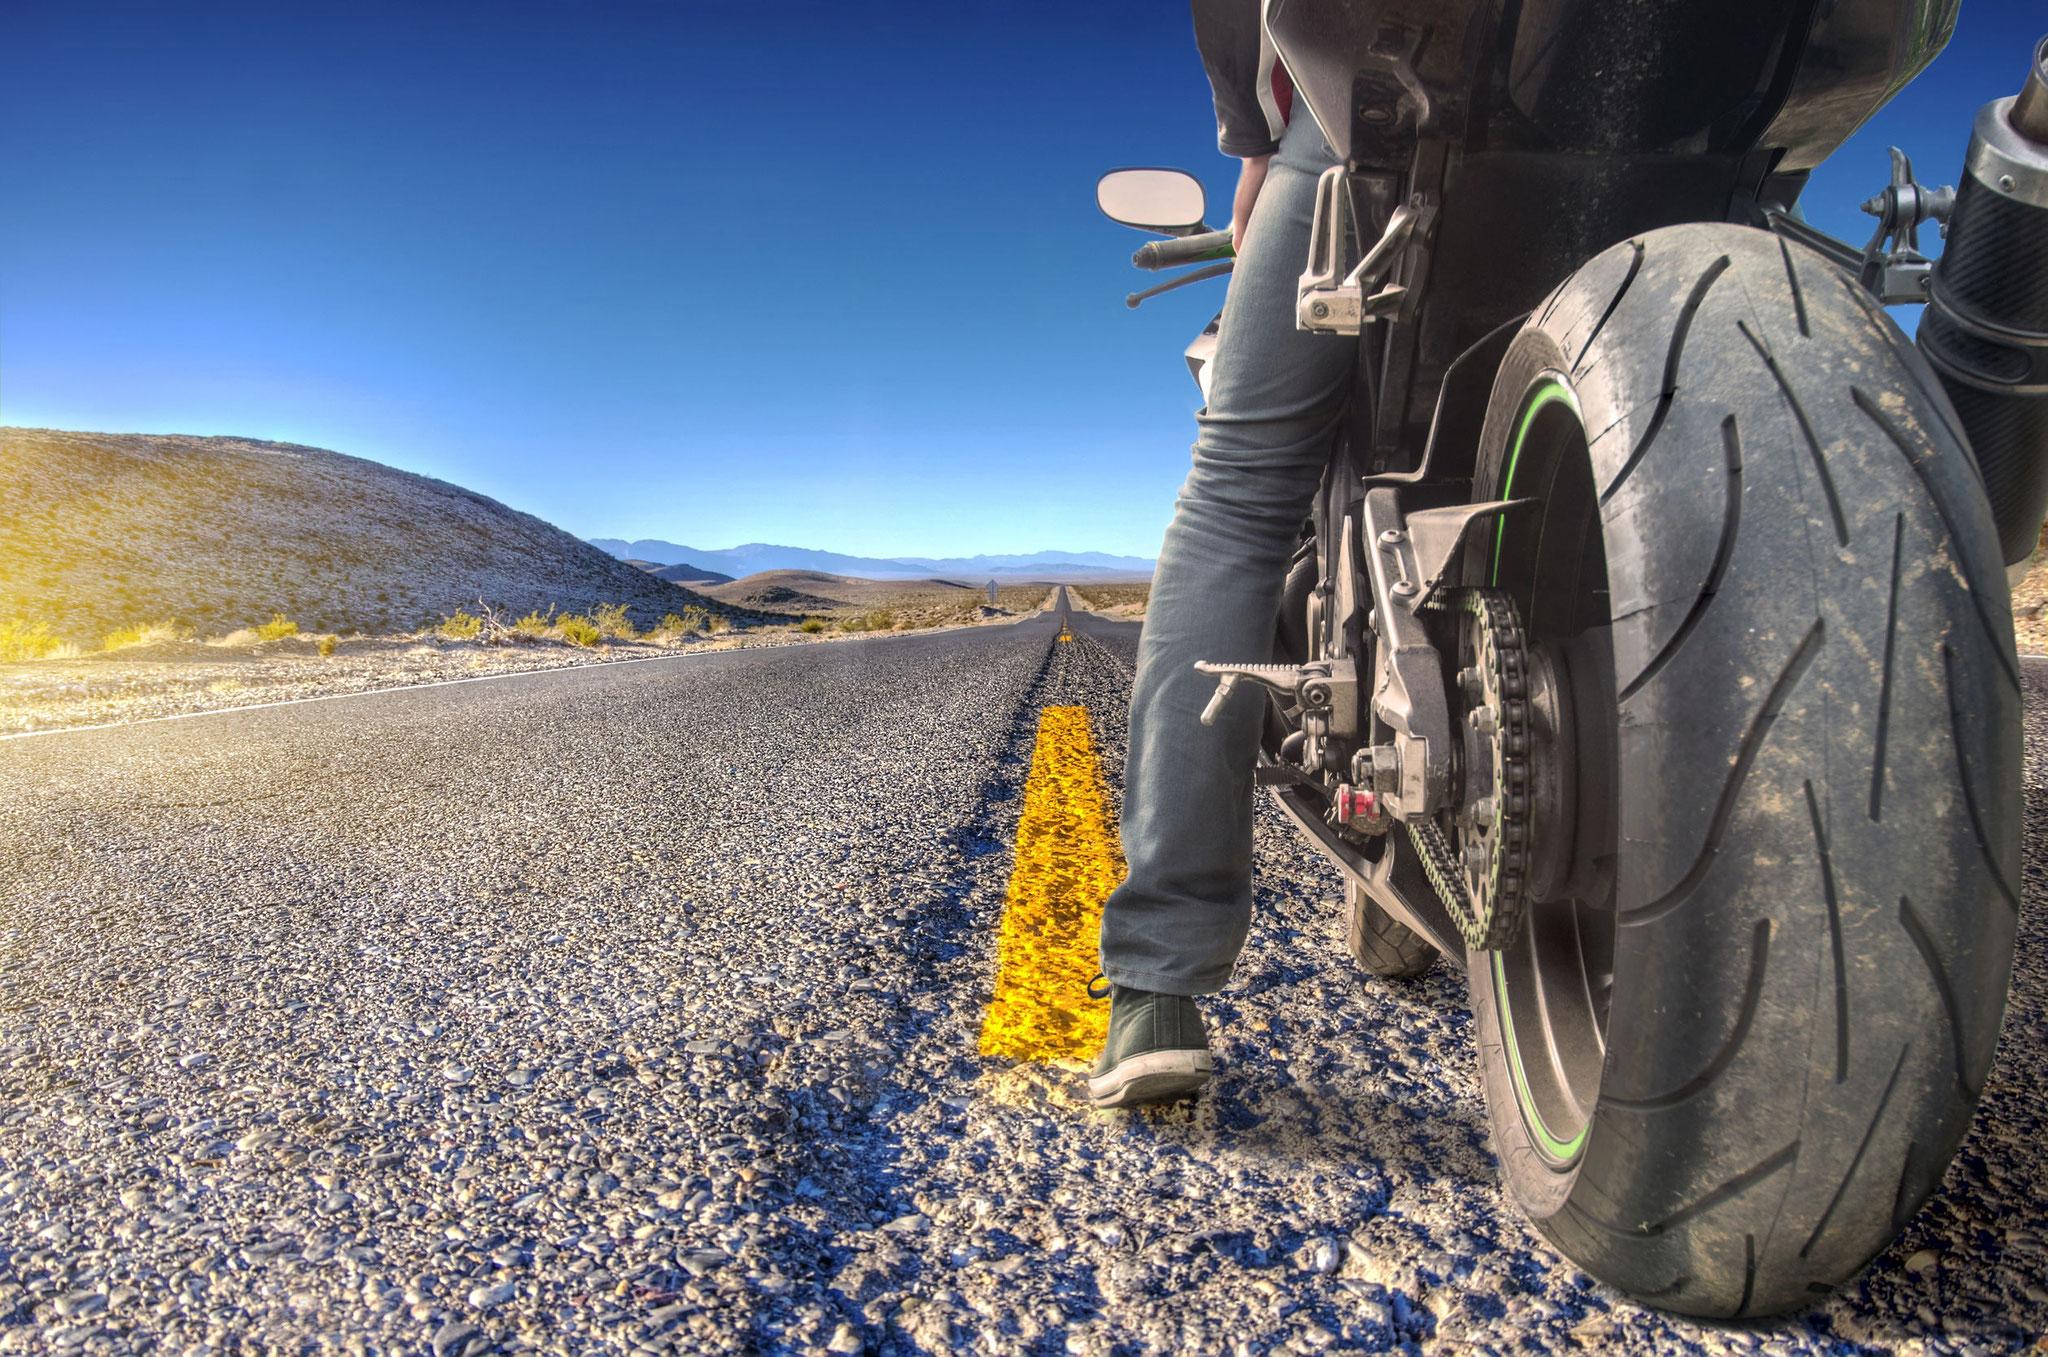 Endlich einen Traum Verwirklichen! Motorradführerschein zum fairen Preis!